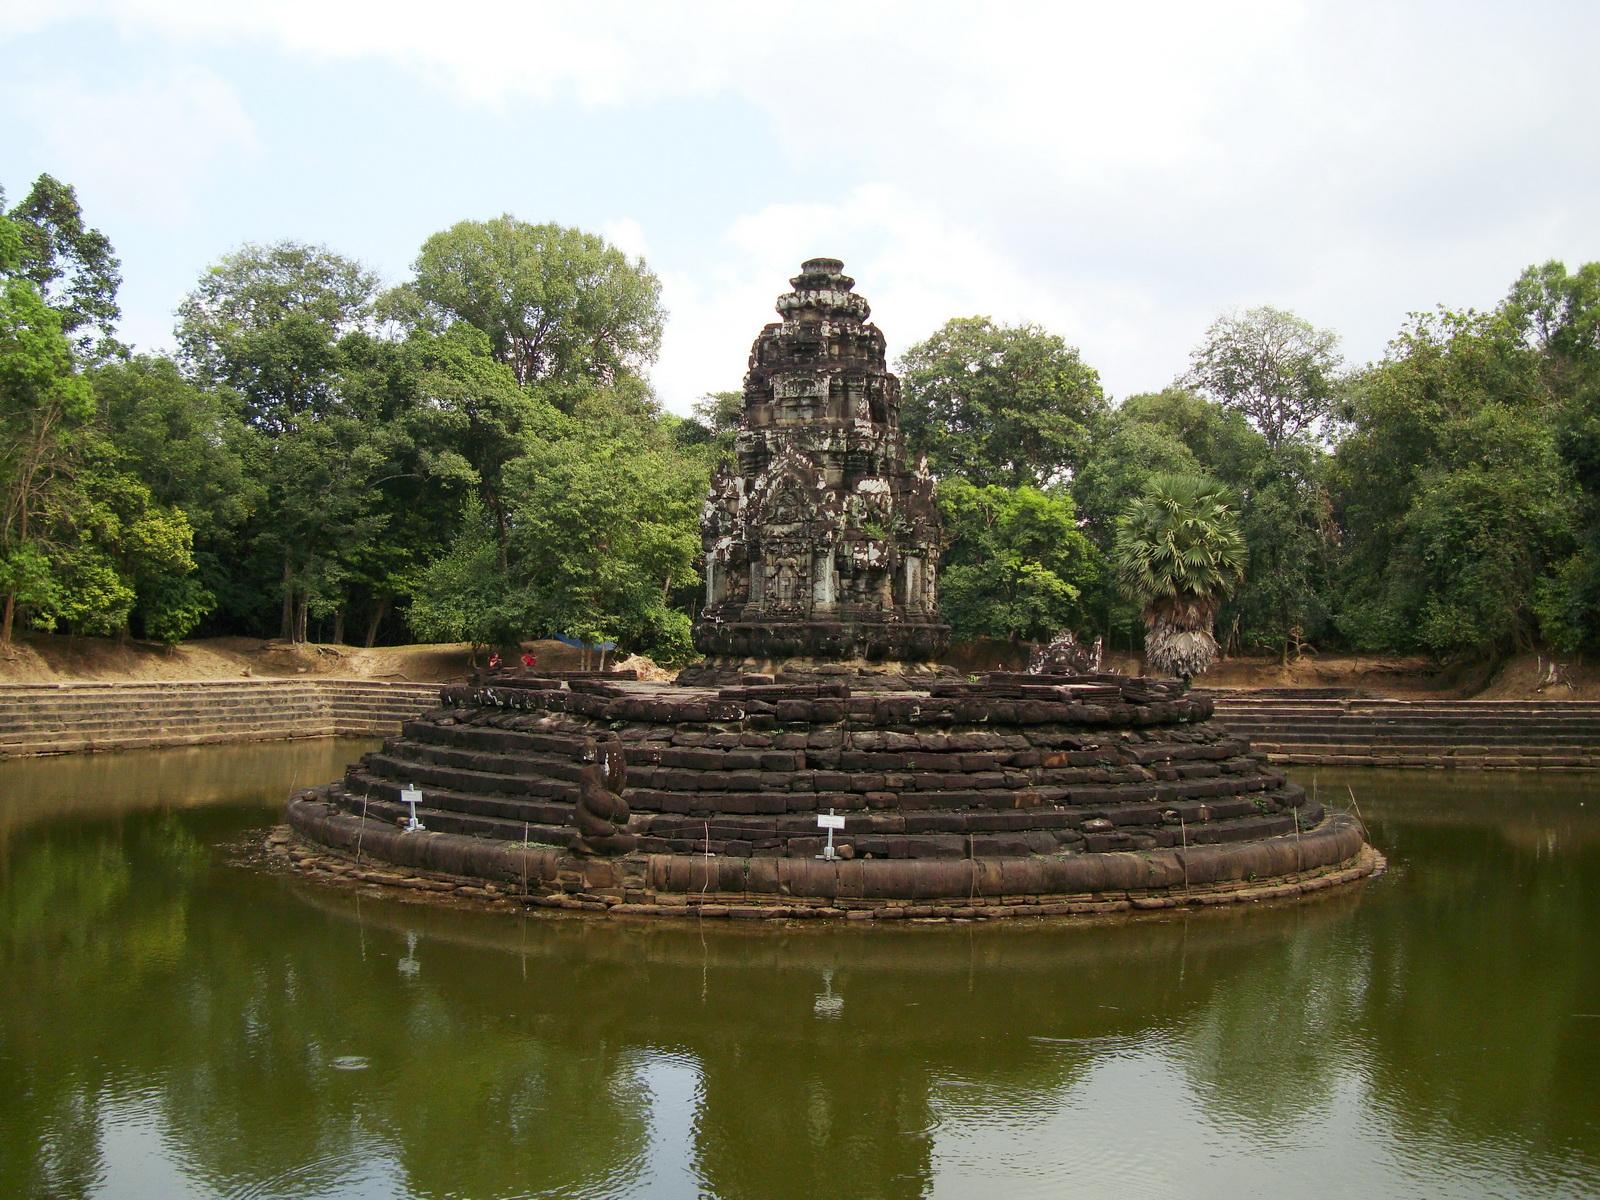 Neak Pean Temple sanctuary and artificial pond 15